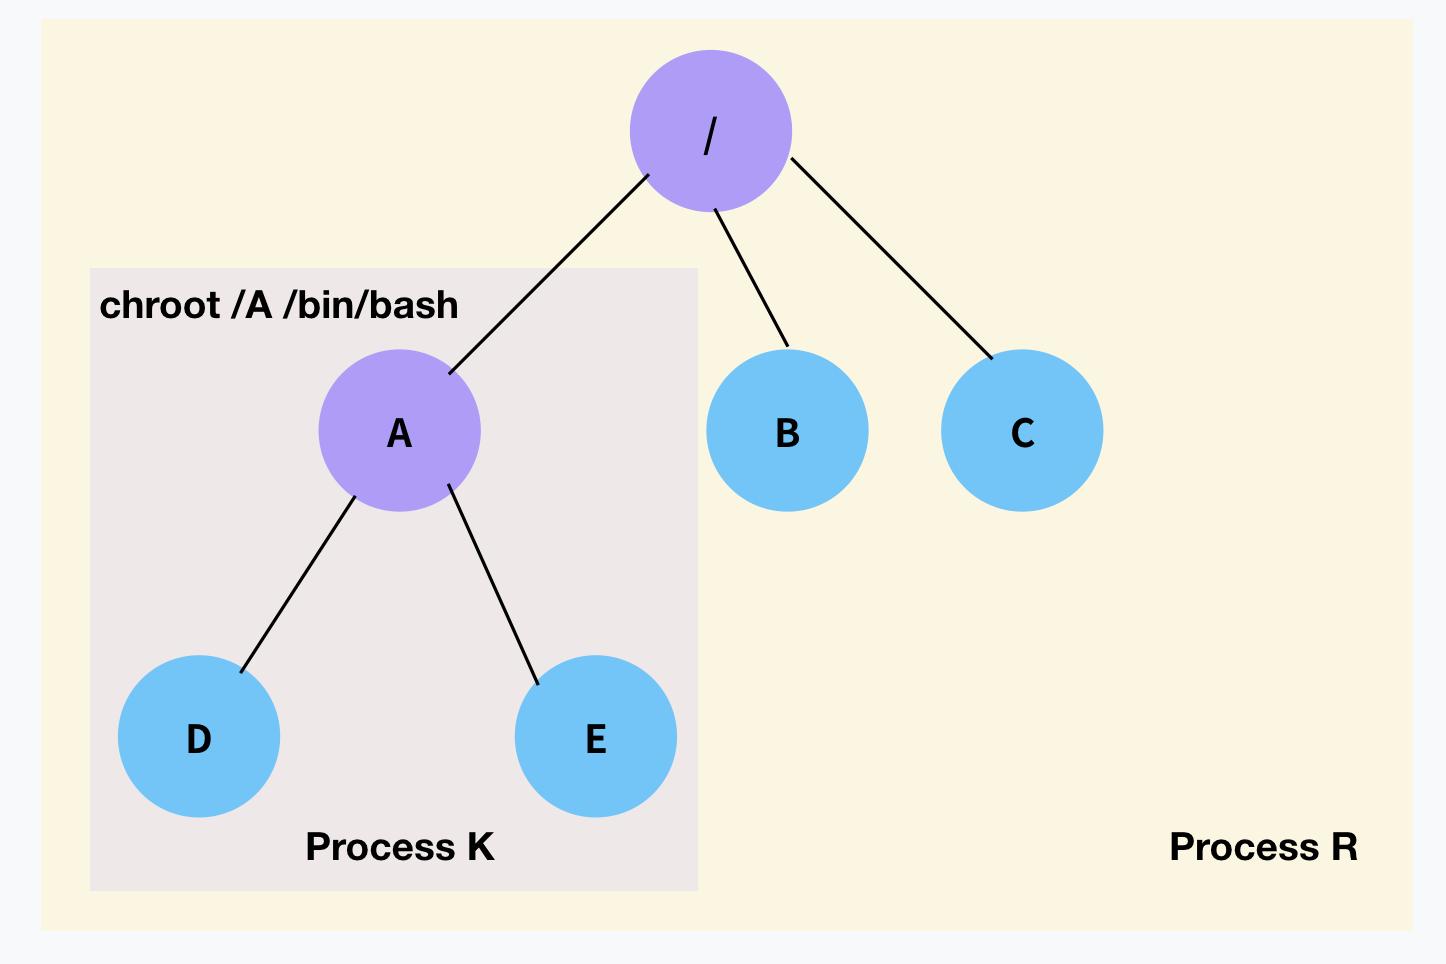 chroot로 실행한 프로세스 K: /A를 새로운 루트로 사용한다